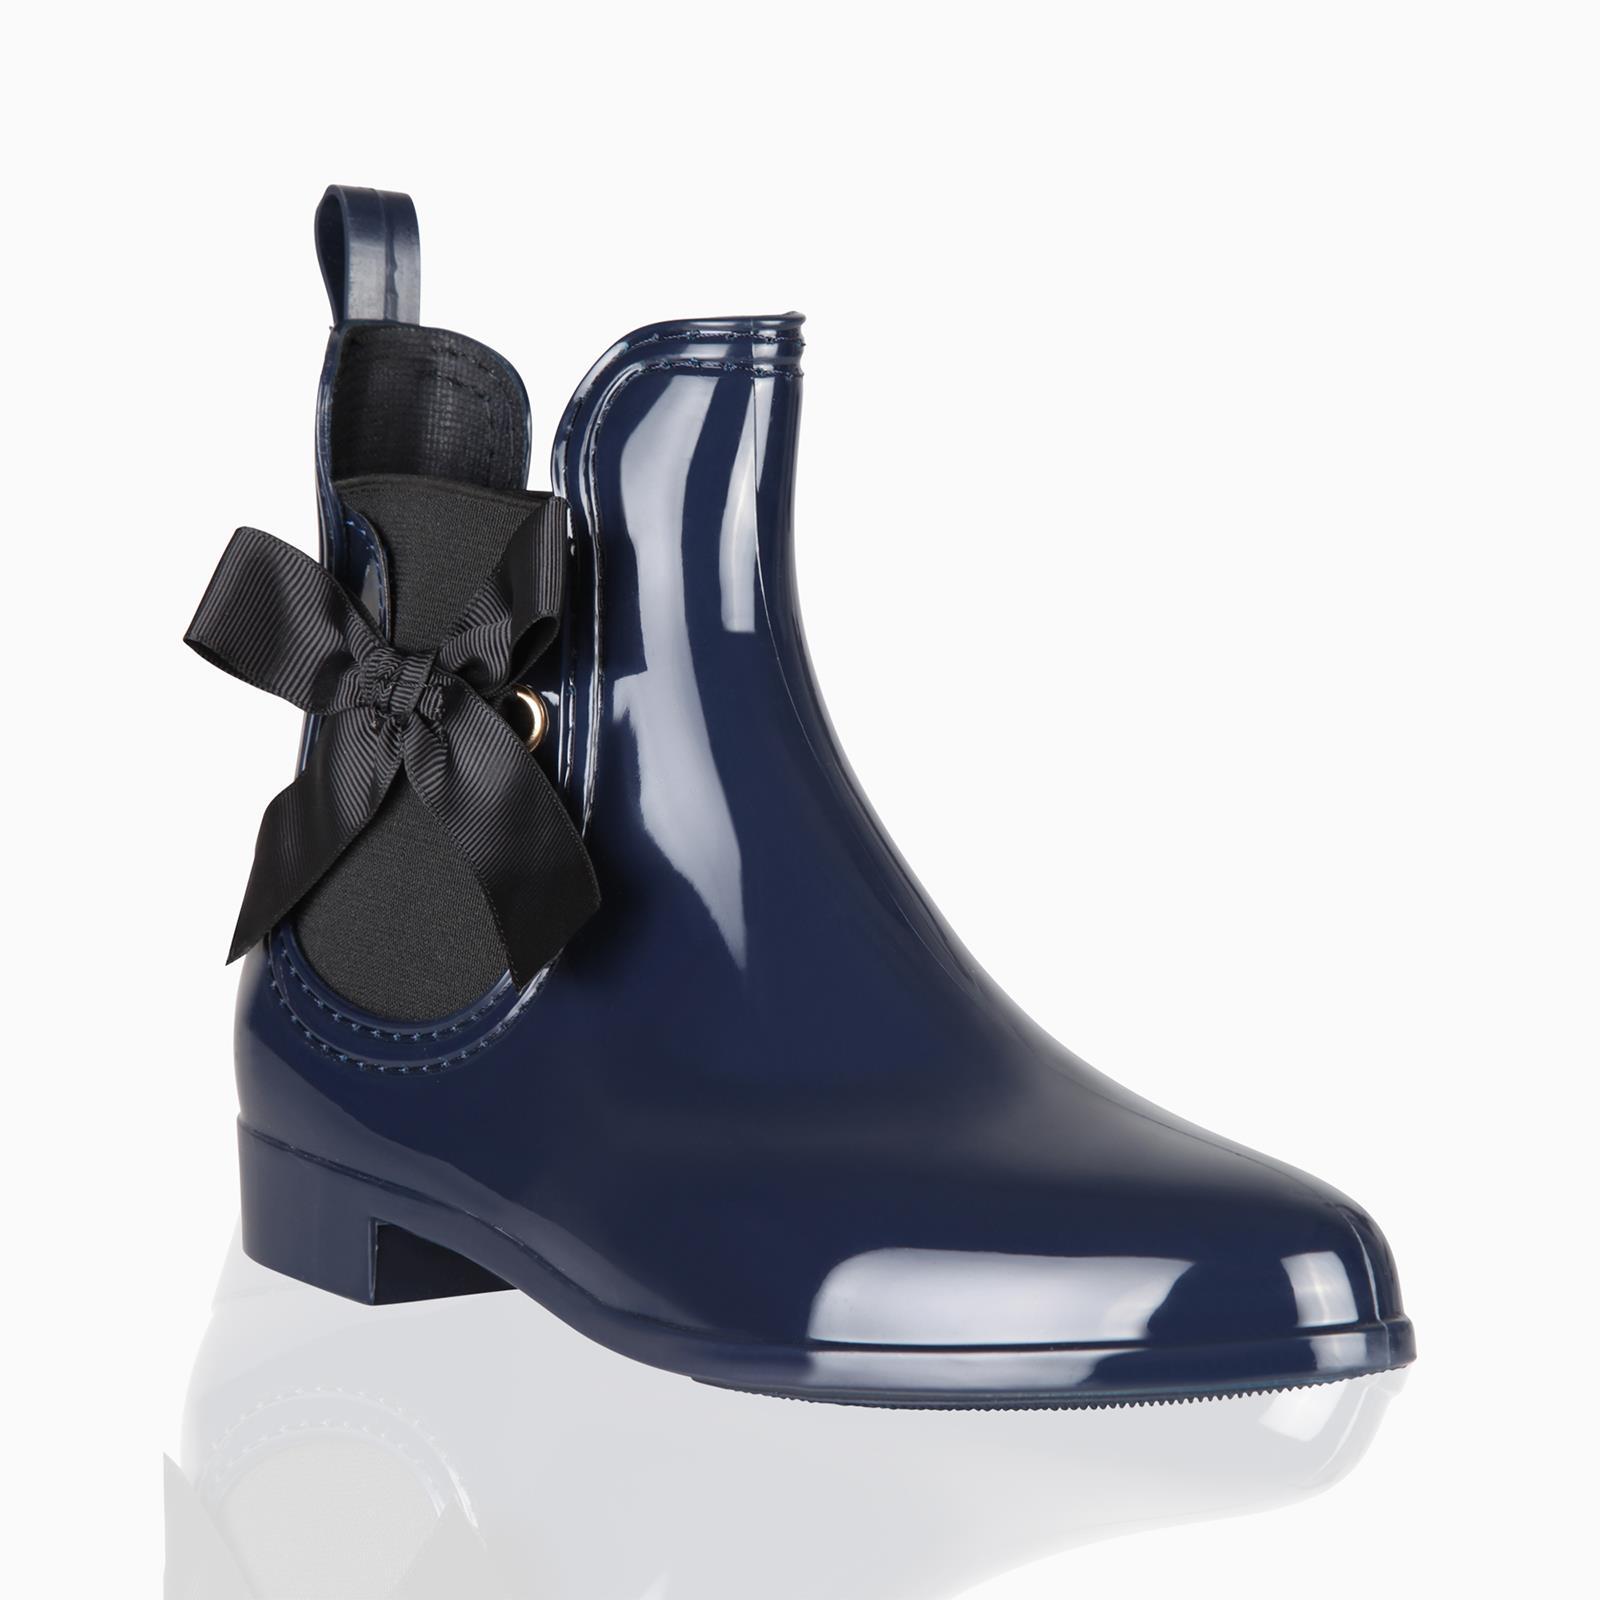 Botas-Agua-Mujer-Barata-Original-Botines-Moda-Comodas-Calzado-Elastico-Juveniles miniatura 5